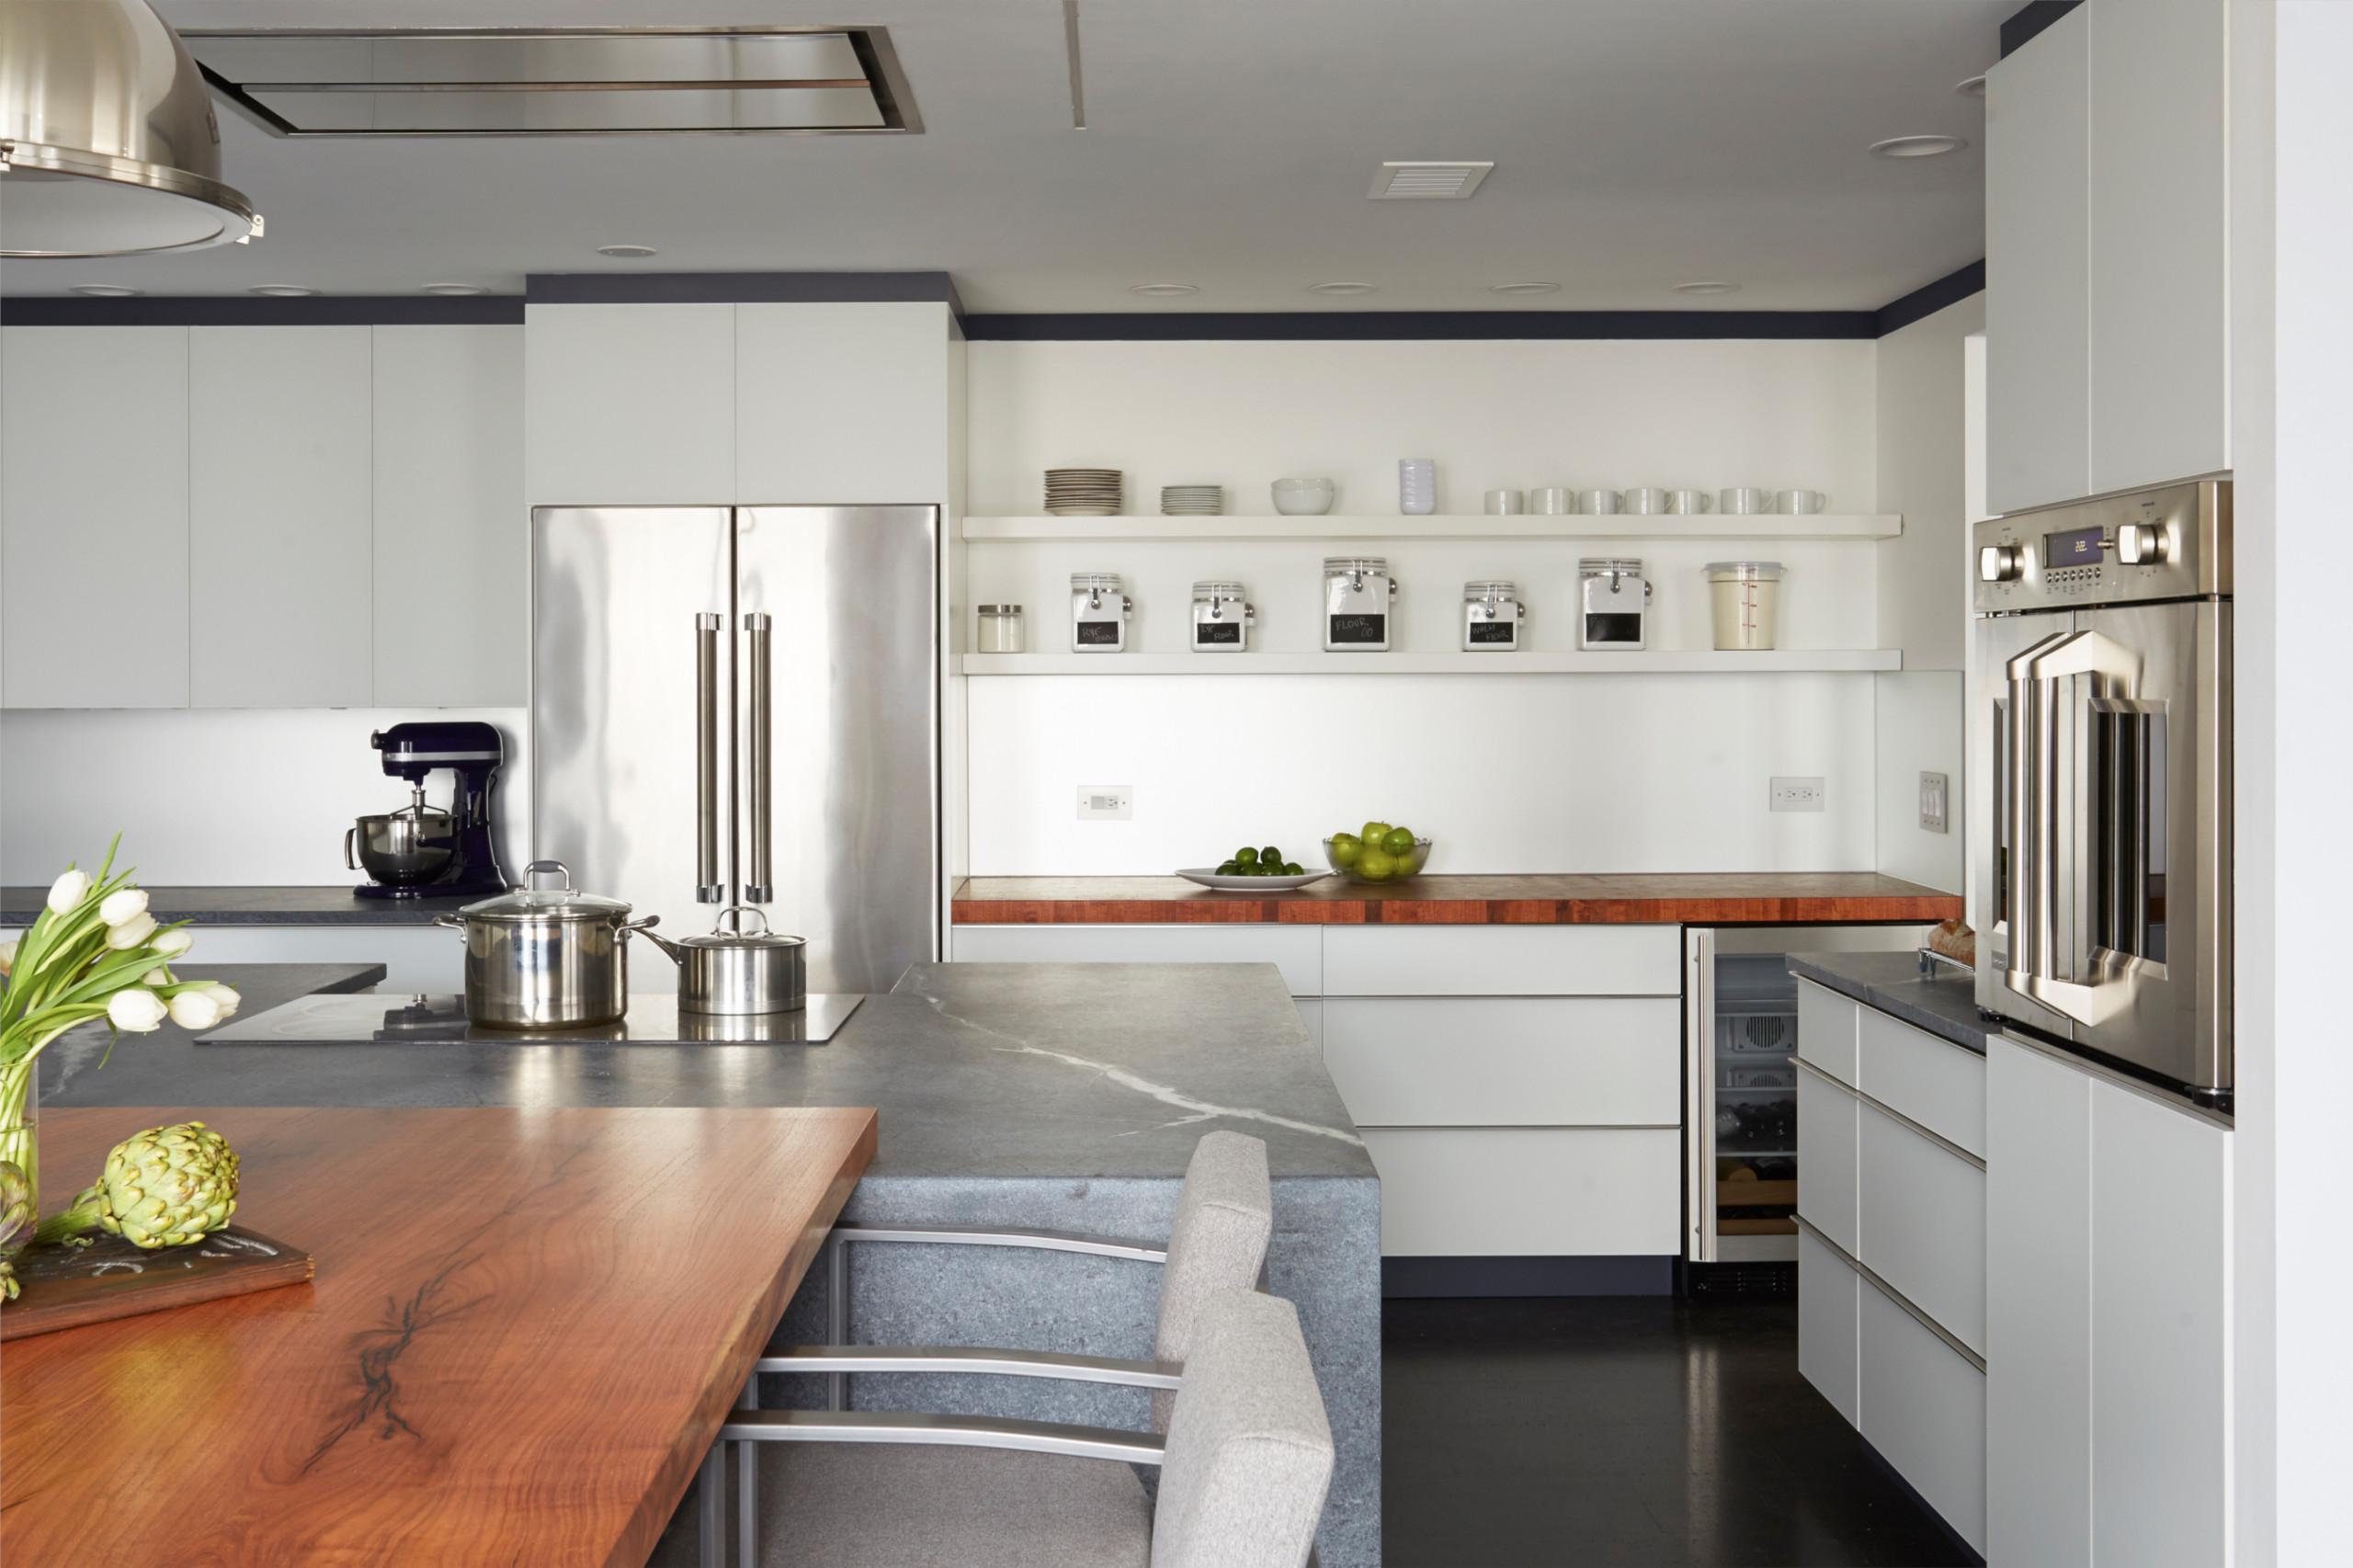 Chicago Bread Baker's Kitchen.  Design by Fred M Alsen of fma Interior Design.